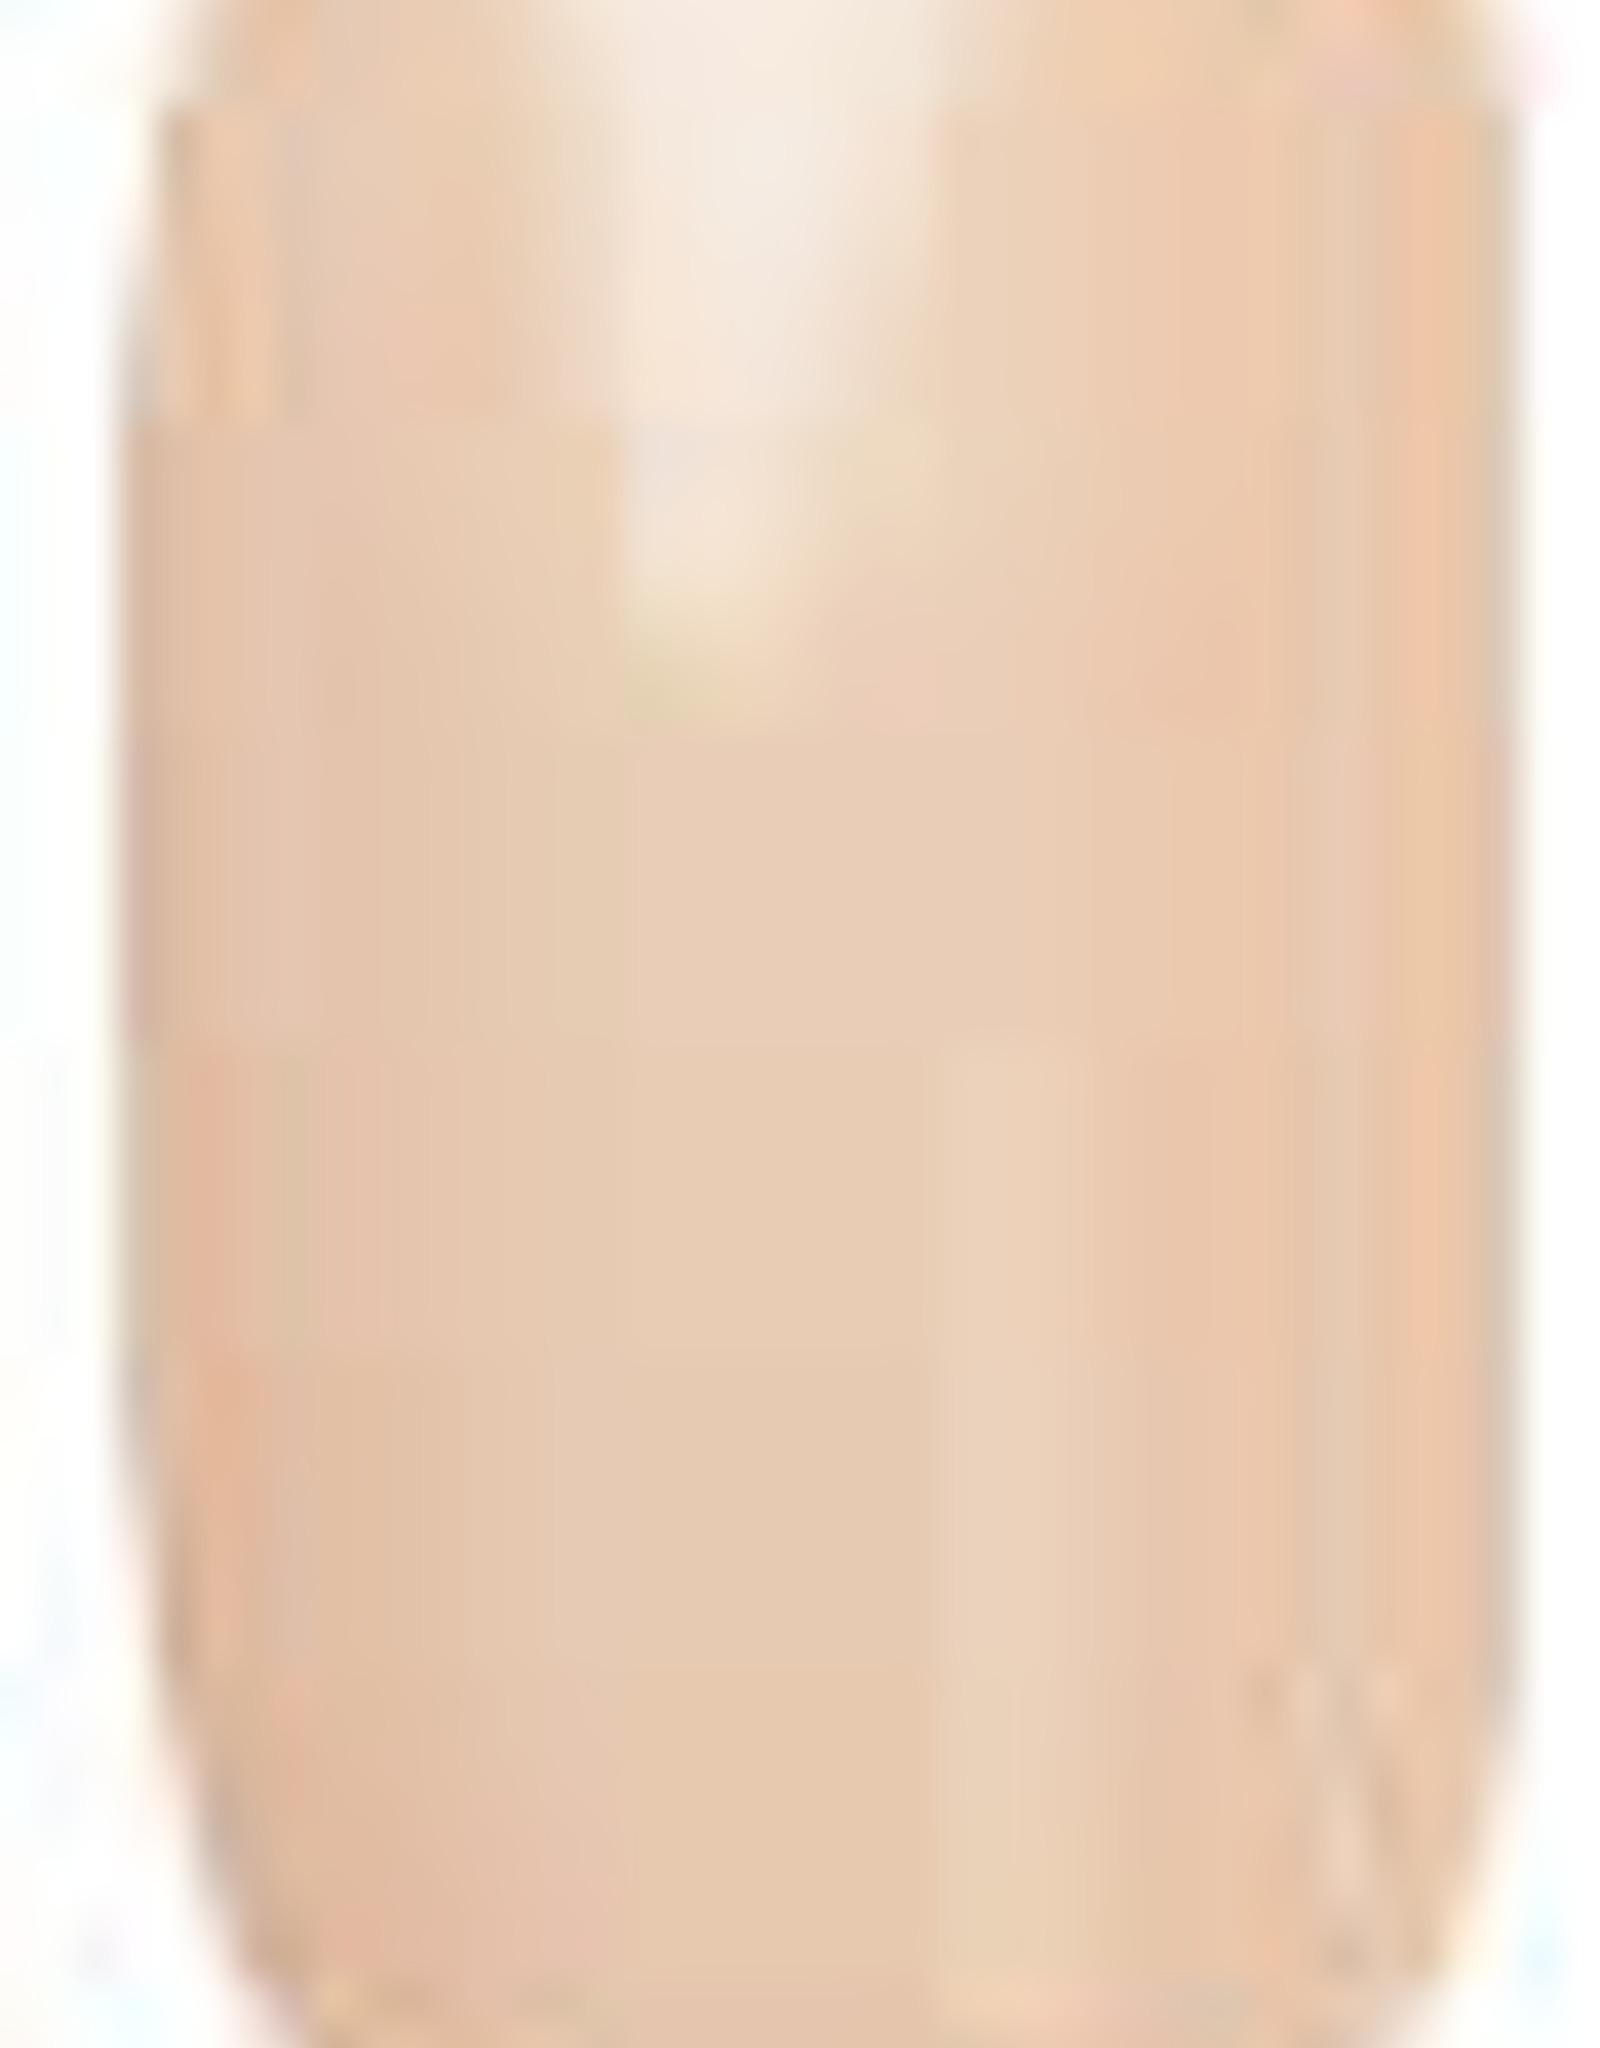 Florence Nails Ohio Skin